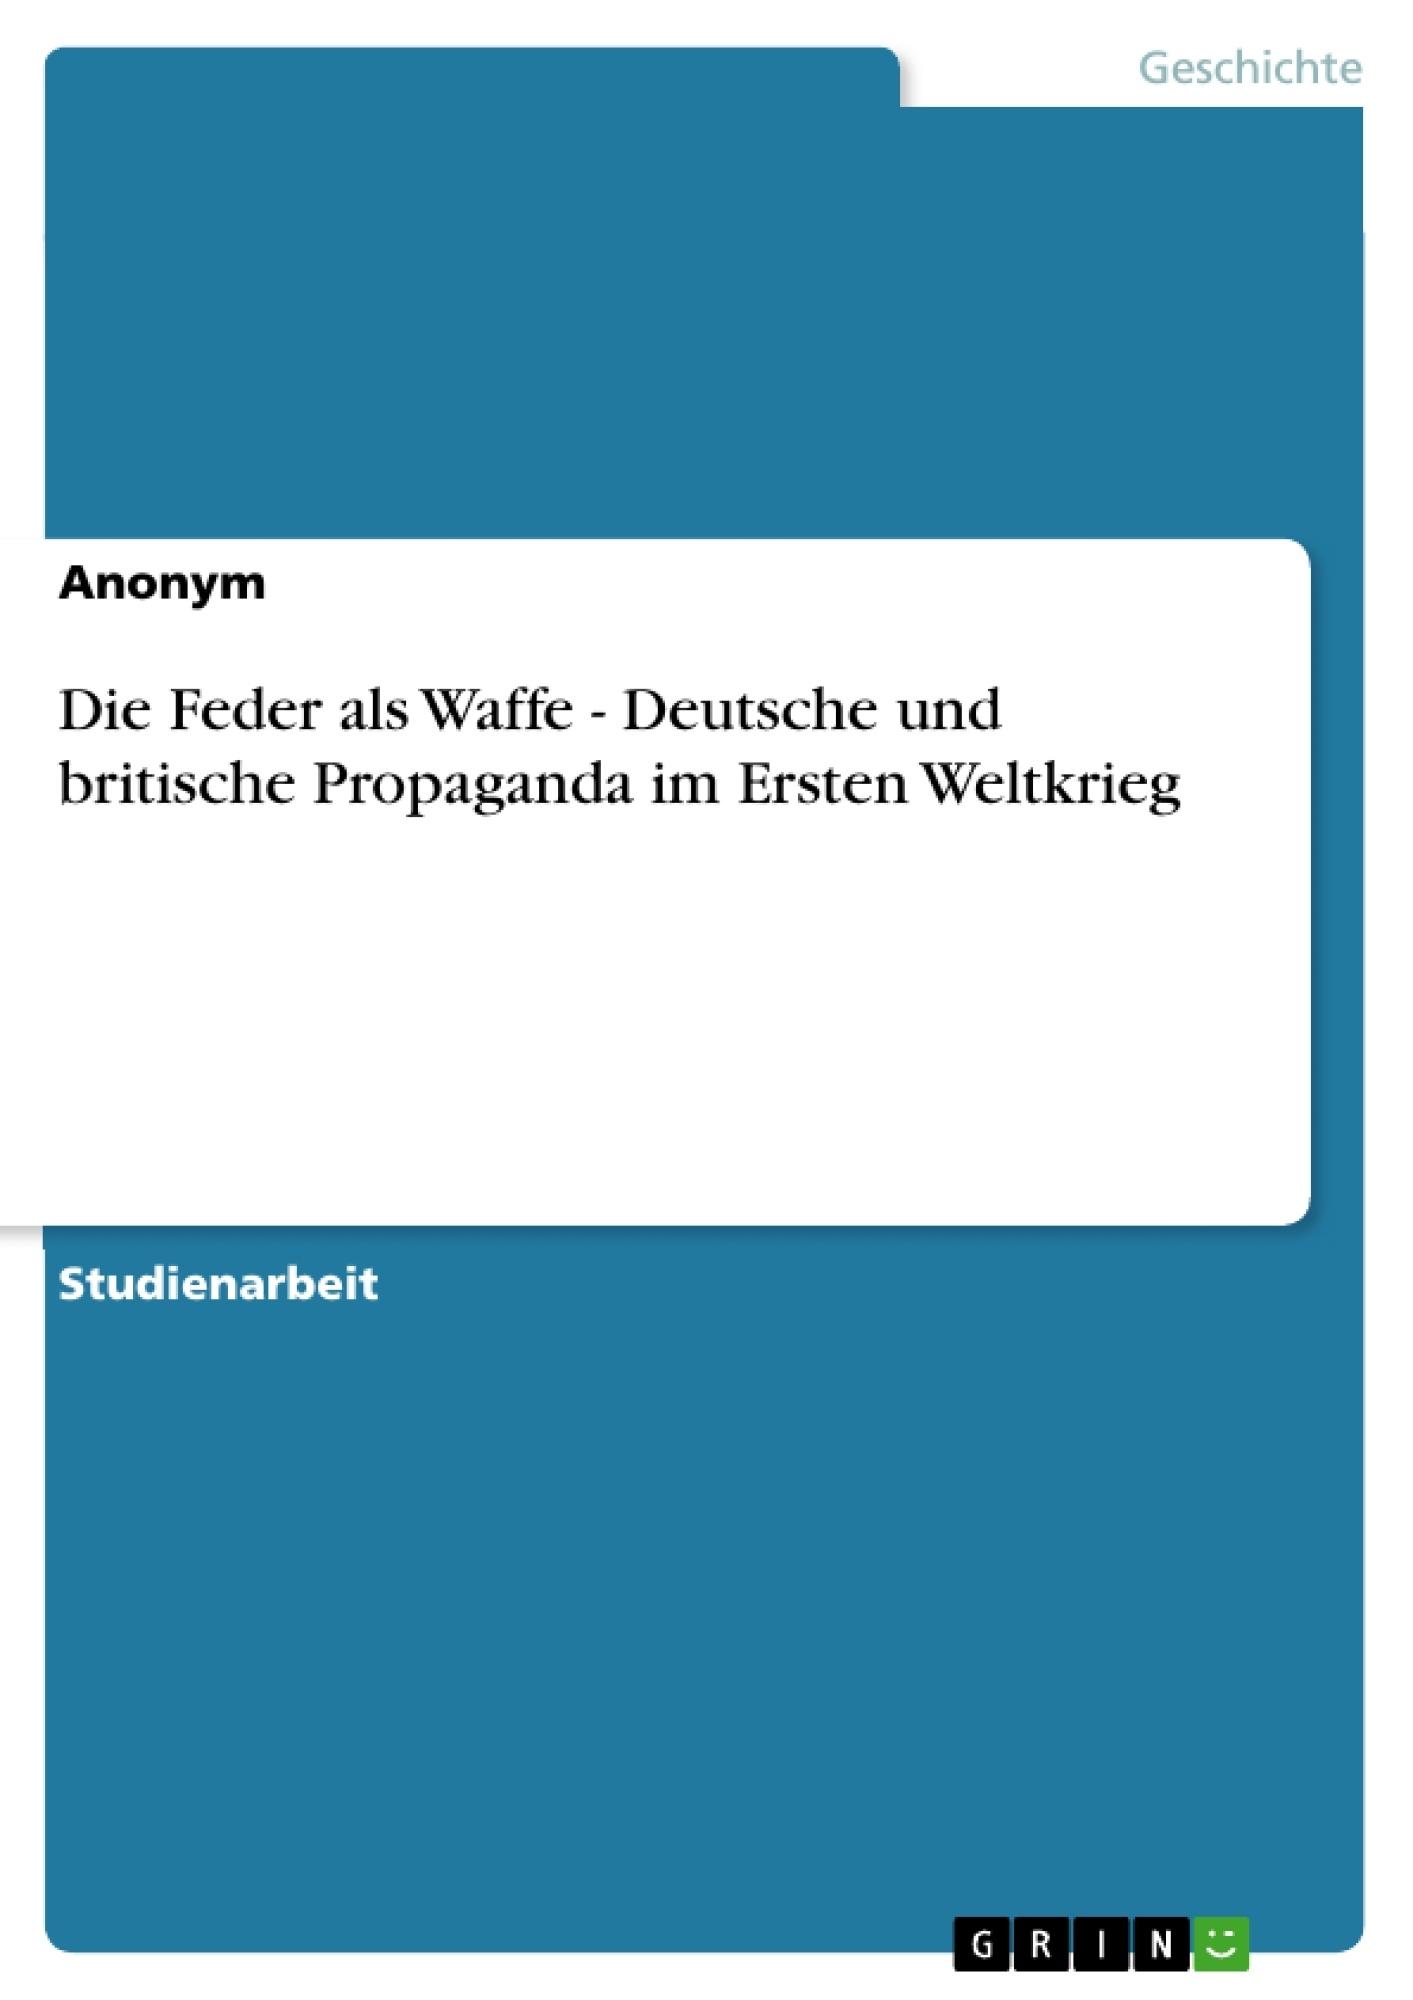 Titel: Die Feder als Waffe - Deutsche und britische Propaganda im Ersten Weltkrieg